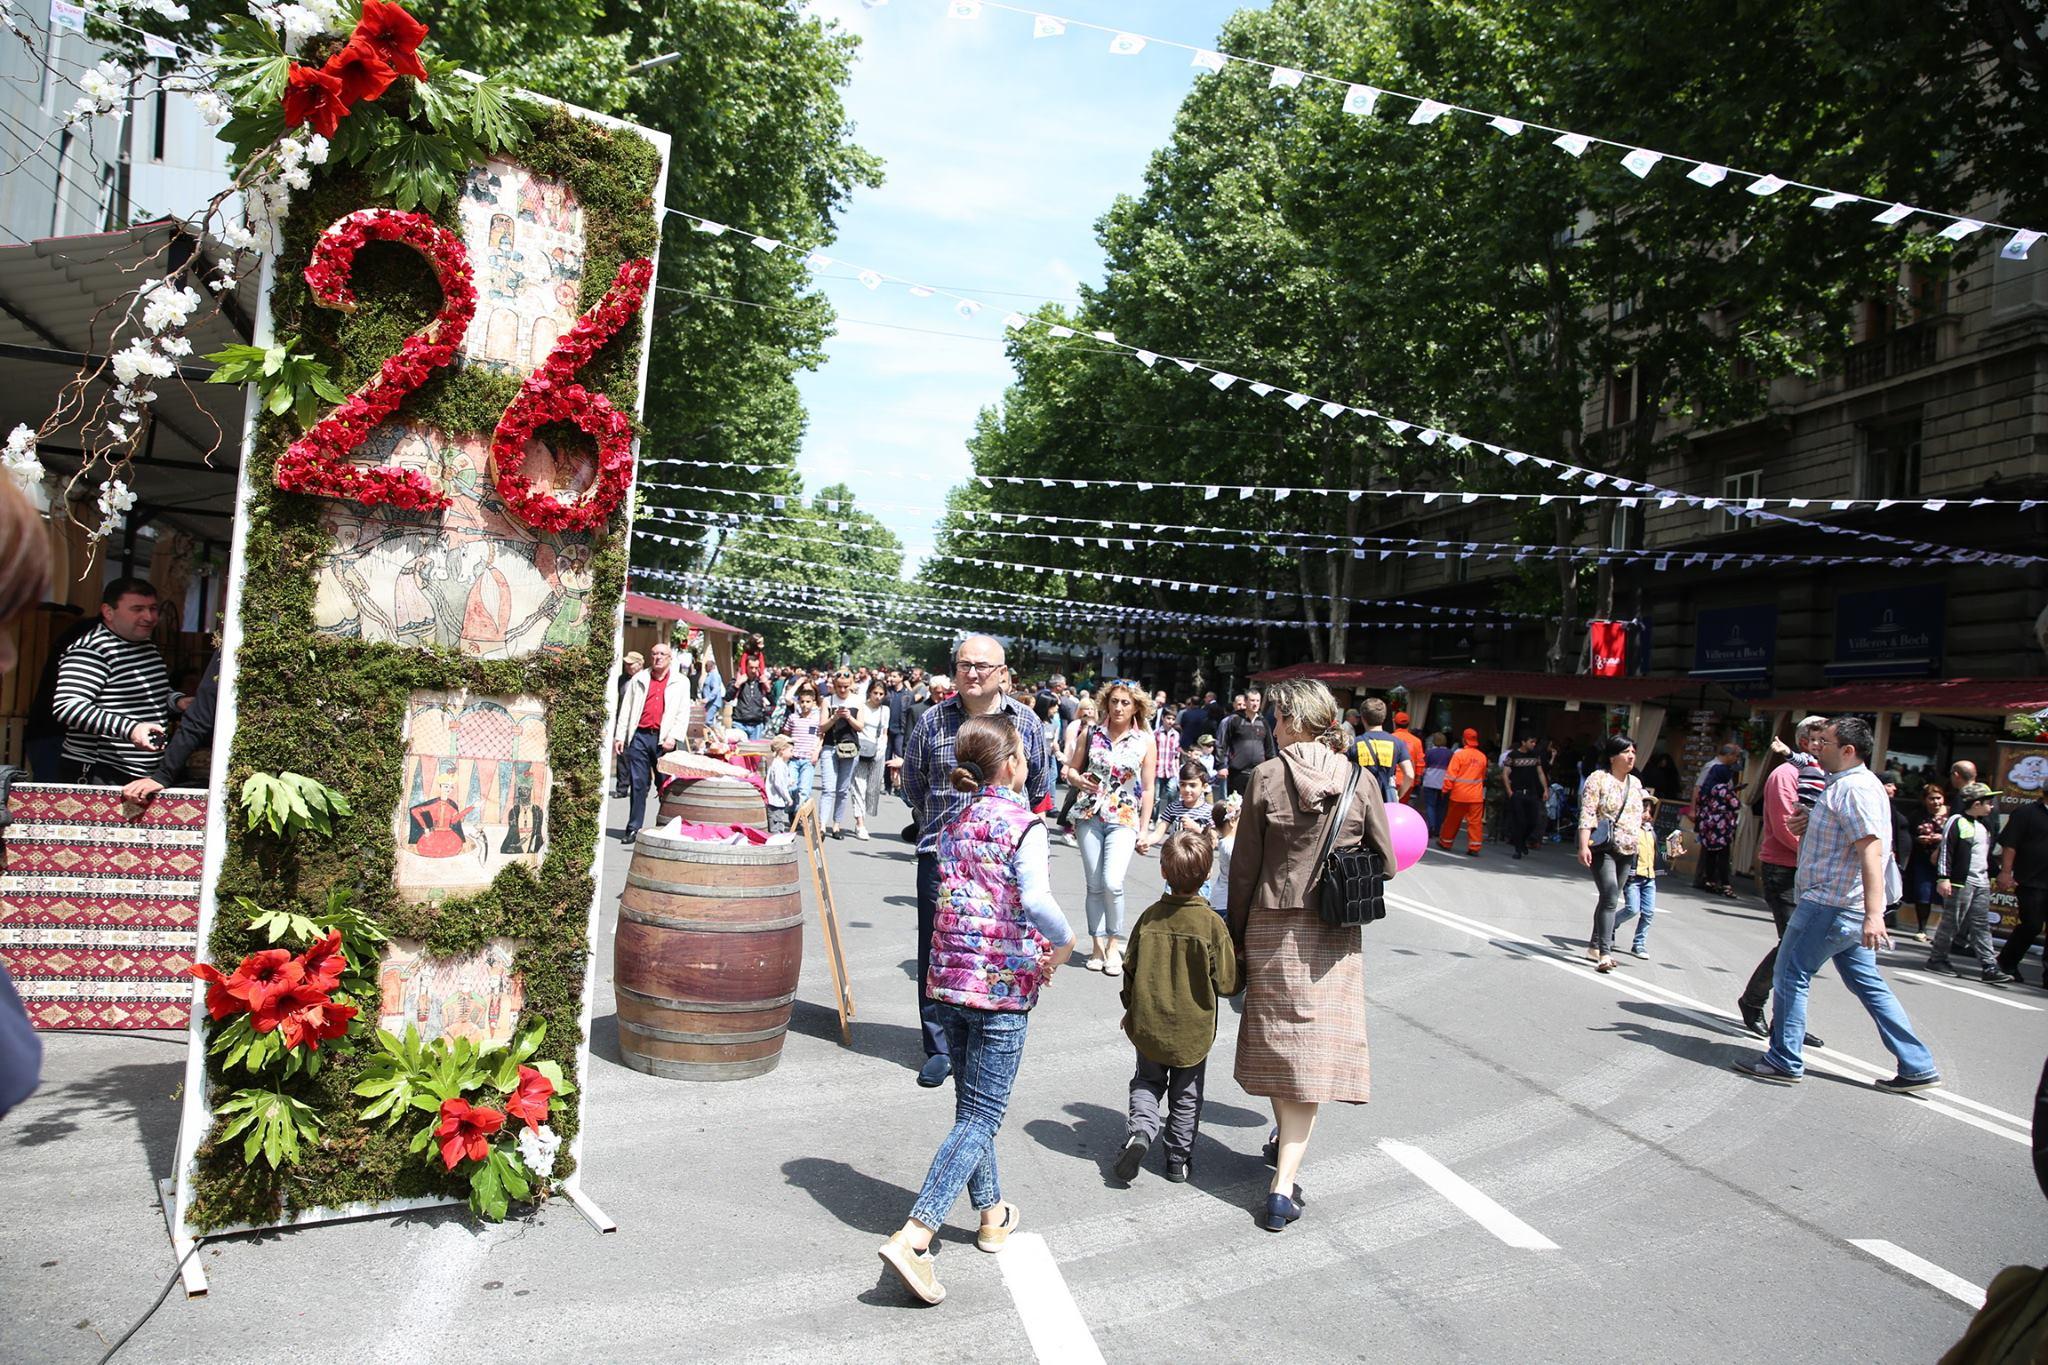 18672898 460865150925181 2953316662281143096 o #новости Грузия, День Независимости, тбилиси